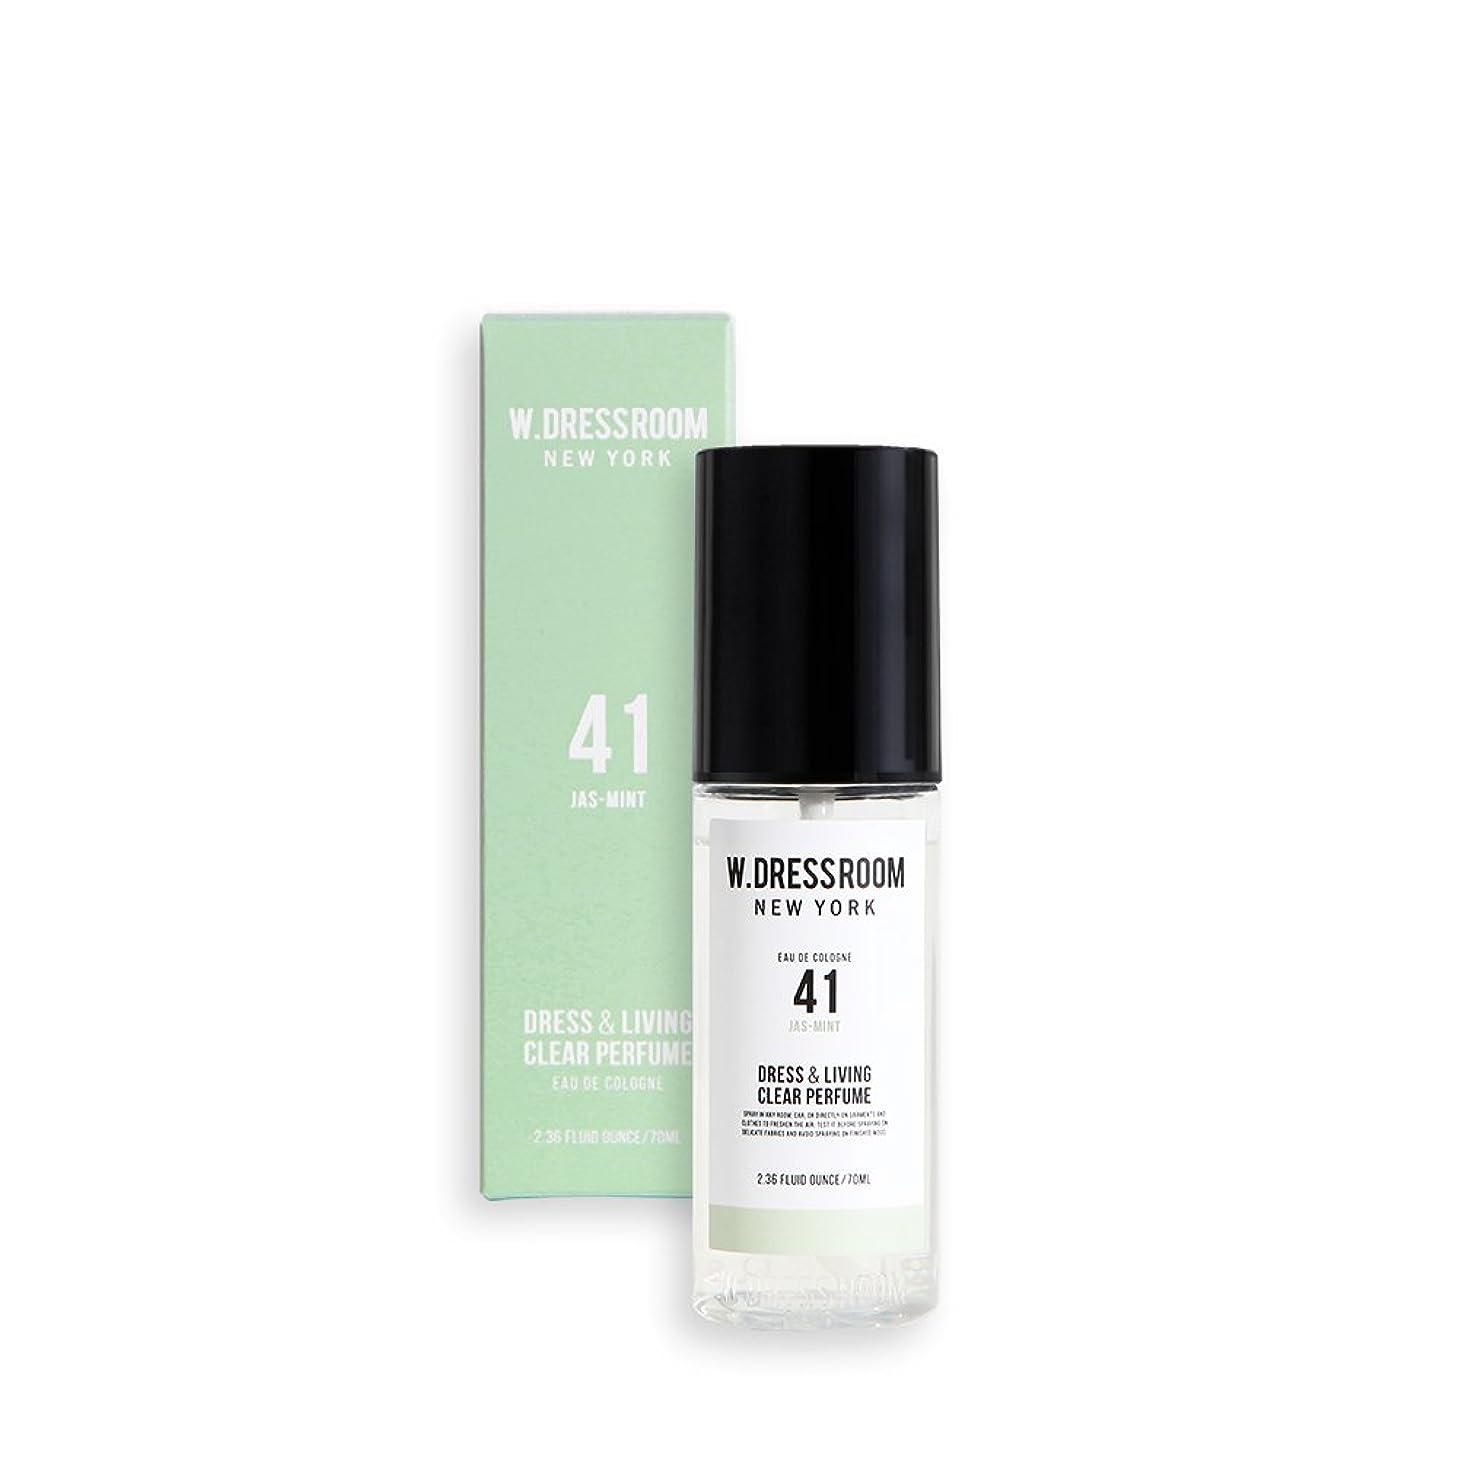 蜂違法個人的にW.DRESSROOM Dress & Living Clear Perfume 70ml/ダブルドレスルーム ドレス&リビング クリア パフューム 70ml (#No.41 Jas-Mint) [並行輸入品]